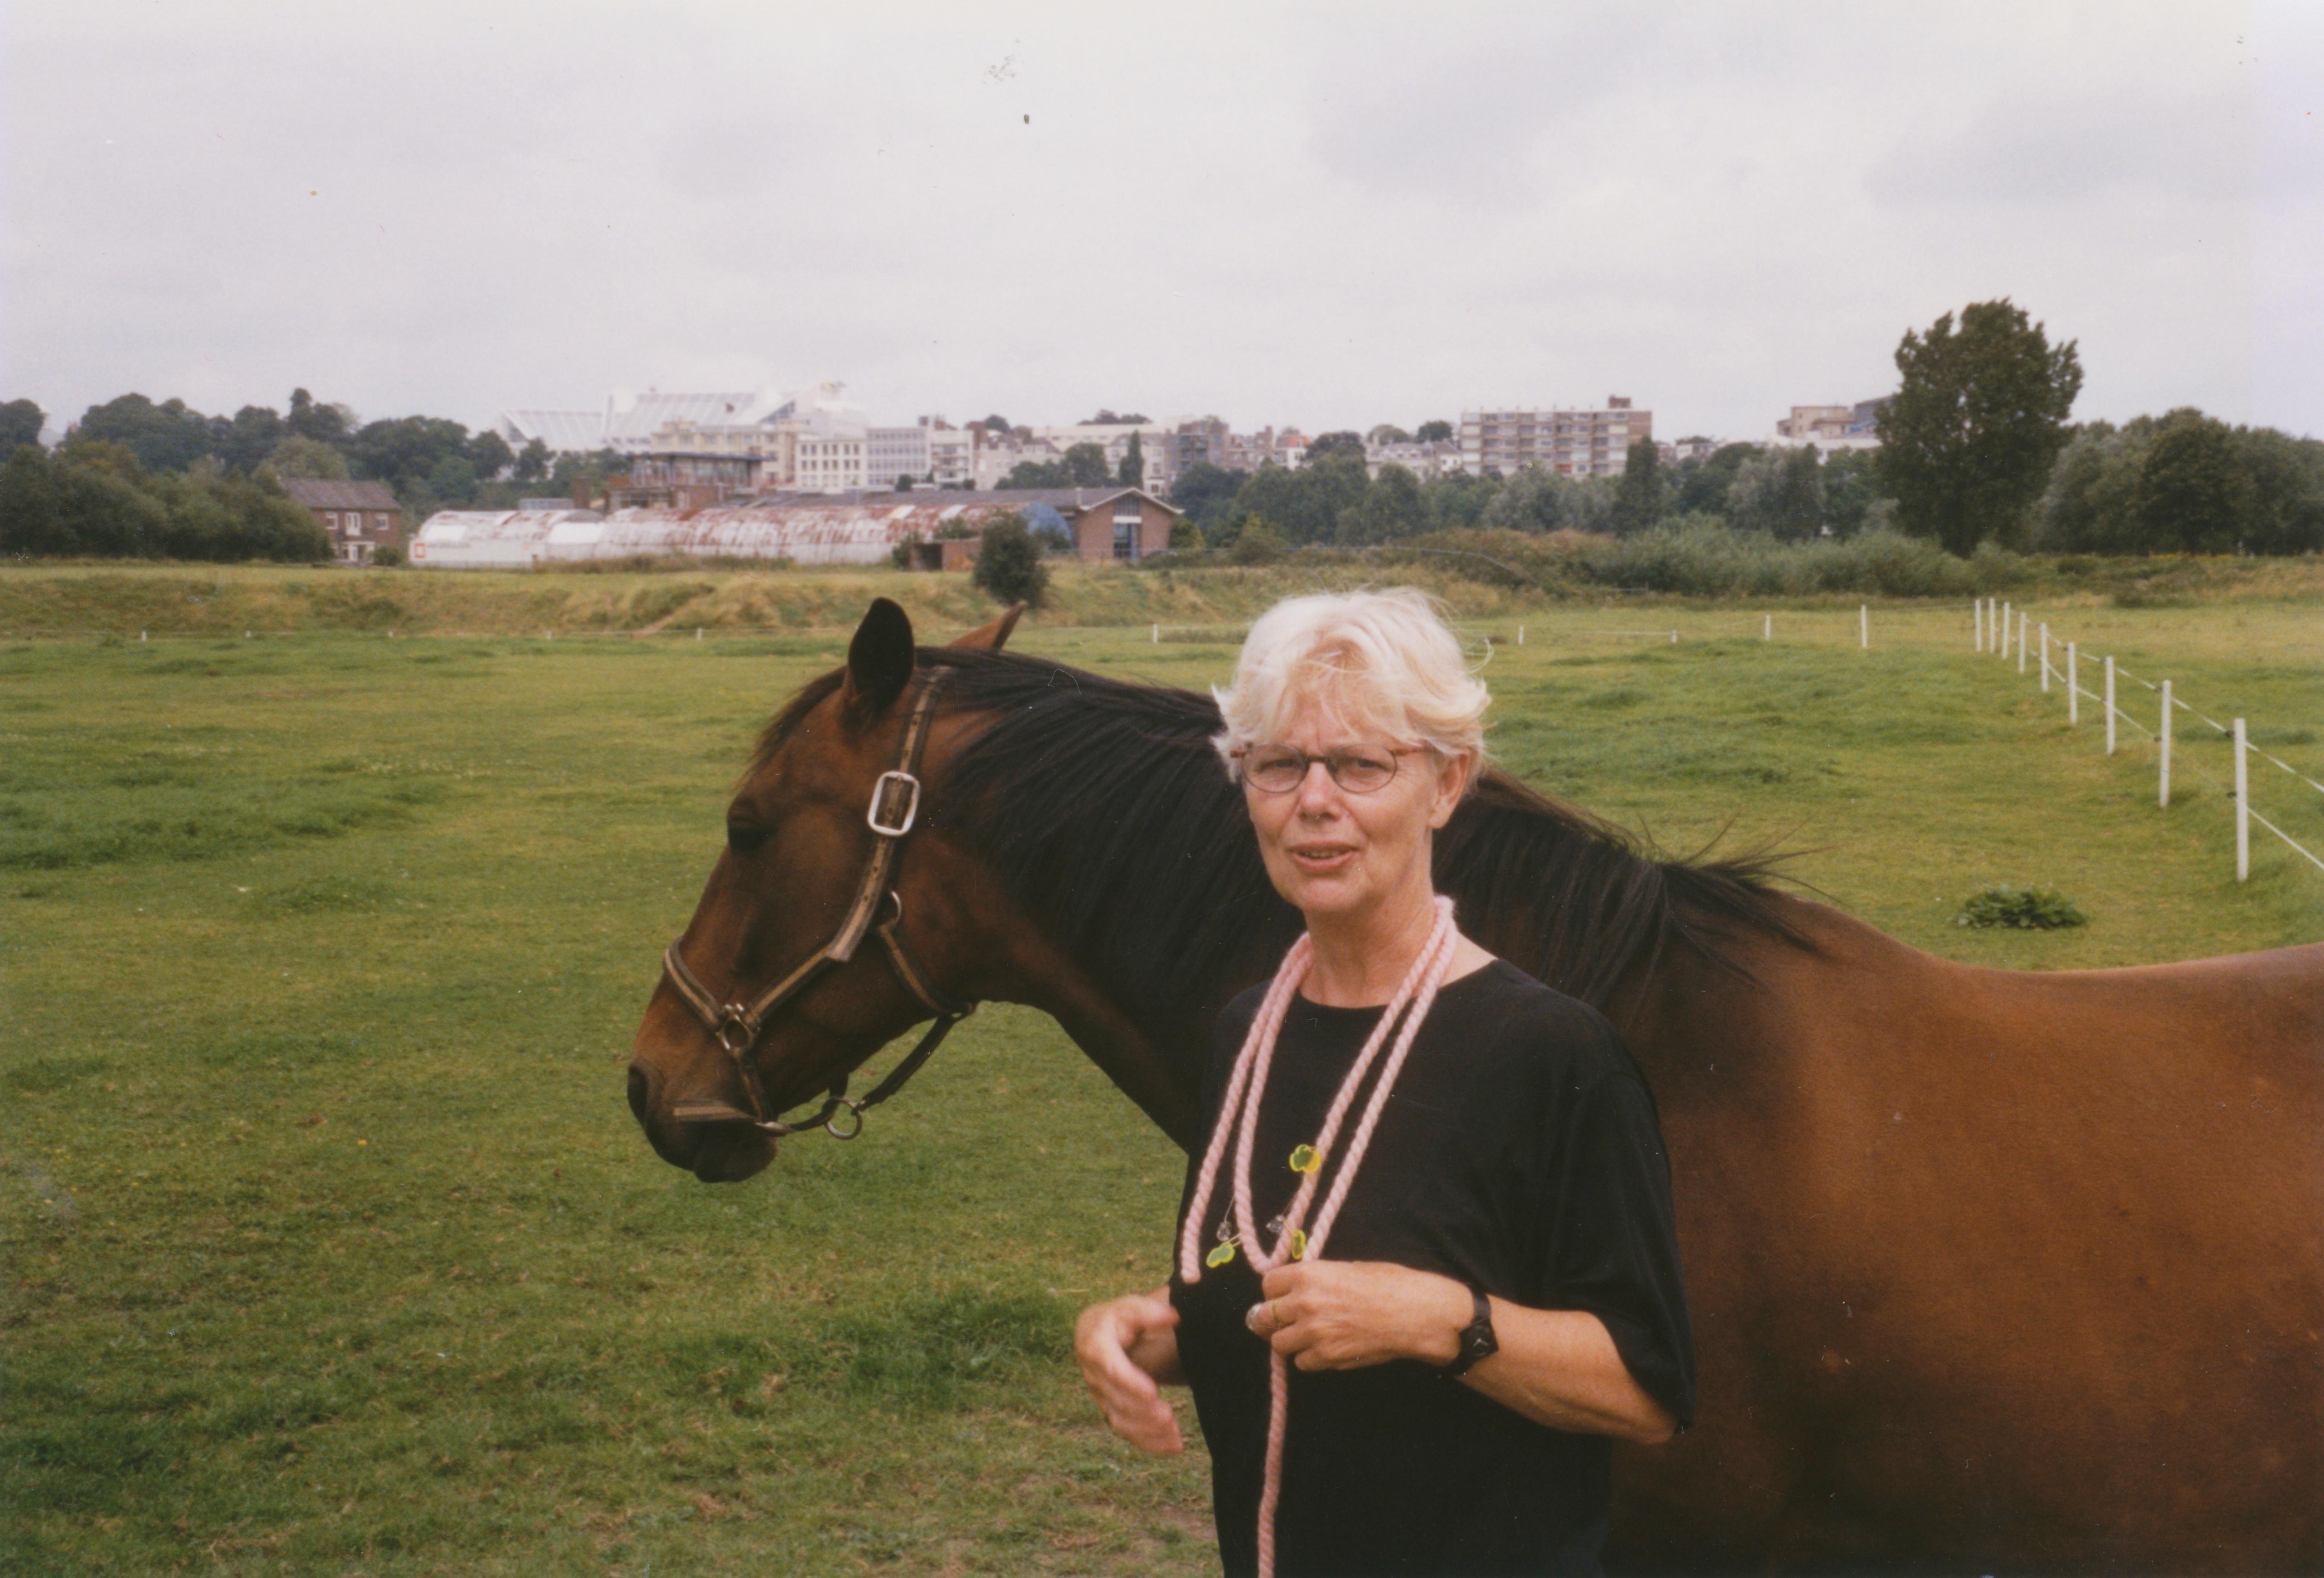 Claartje Keur, Zelfportret in weiland met halssieraad van Helen Frik, Arnhem, 5 augustus 1998. Foto Claartje Keur